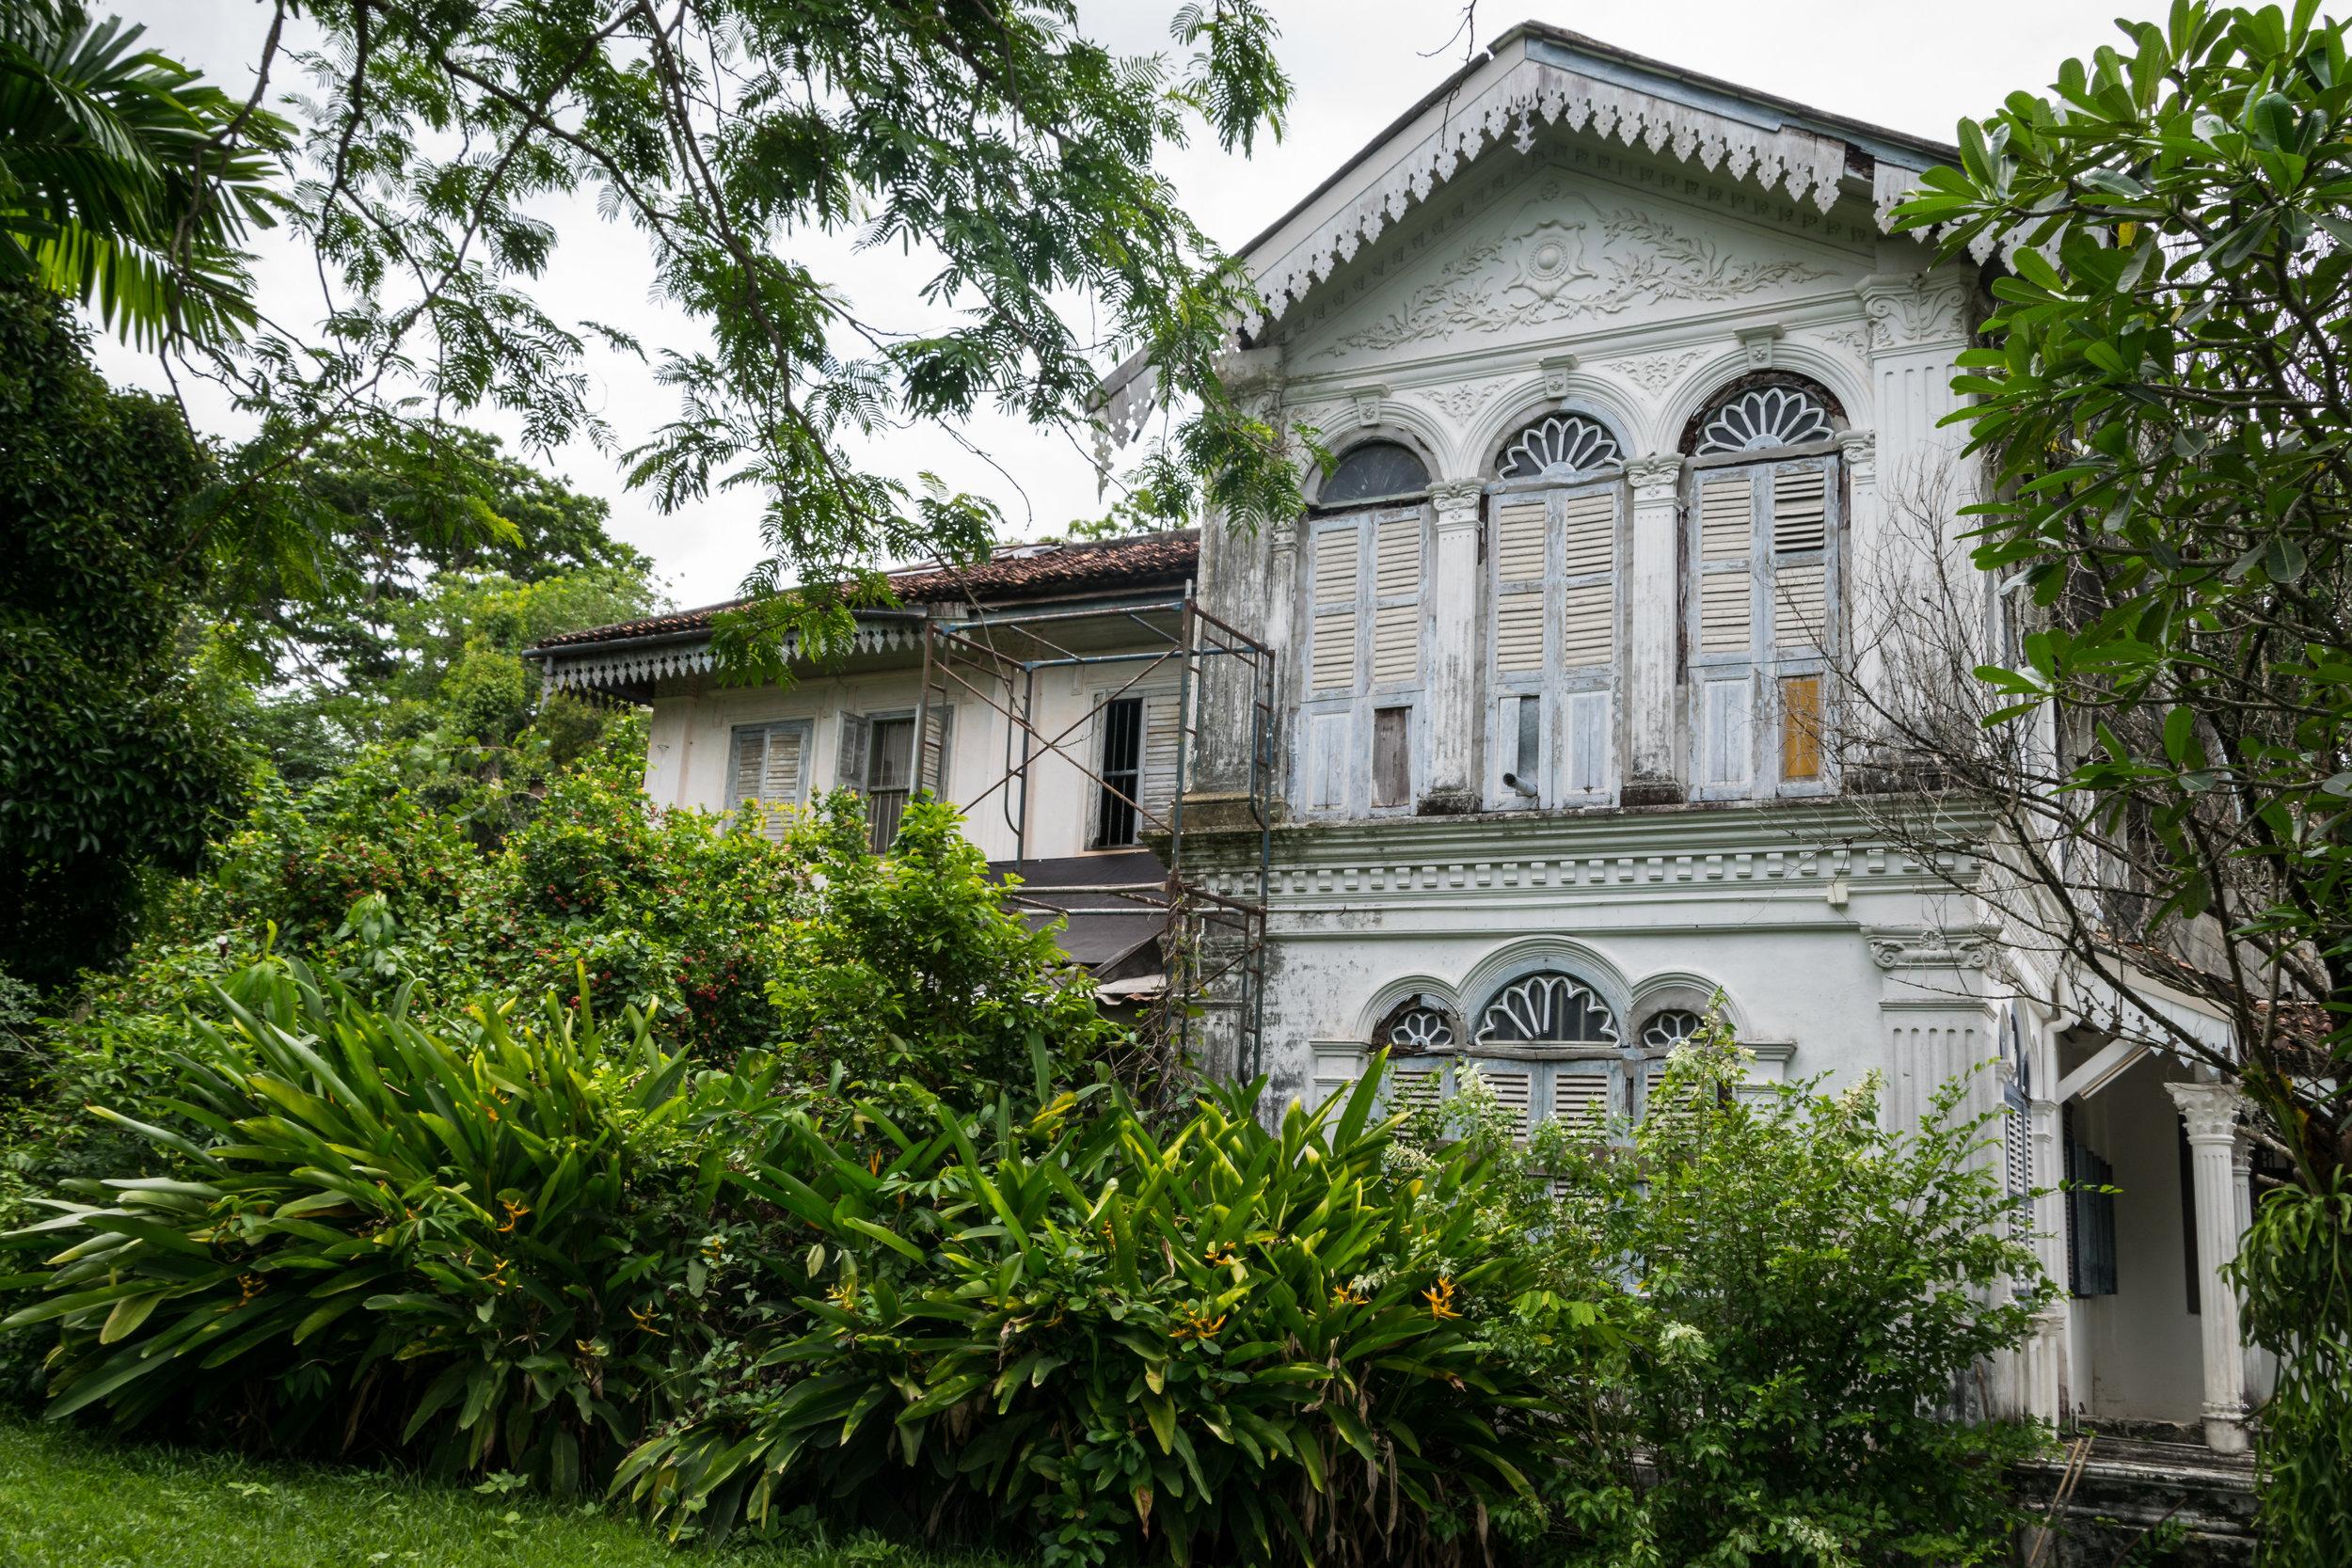 Phuket Old Town mansions-19.jpg